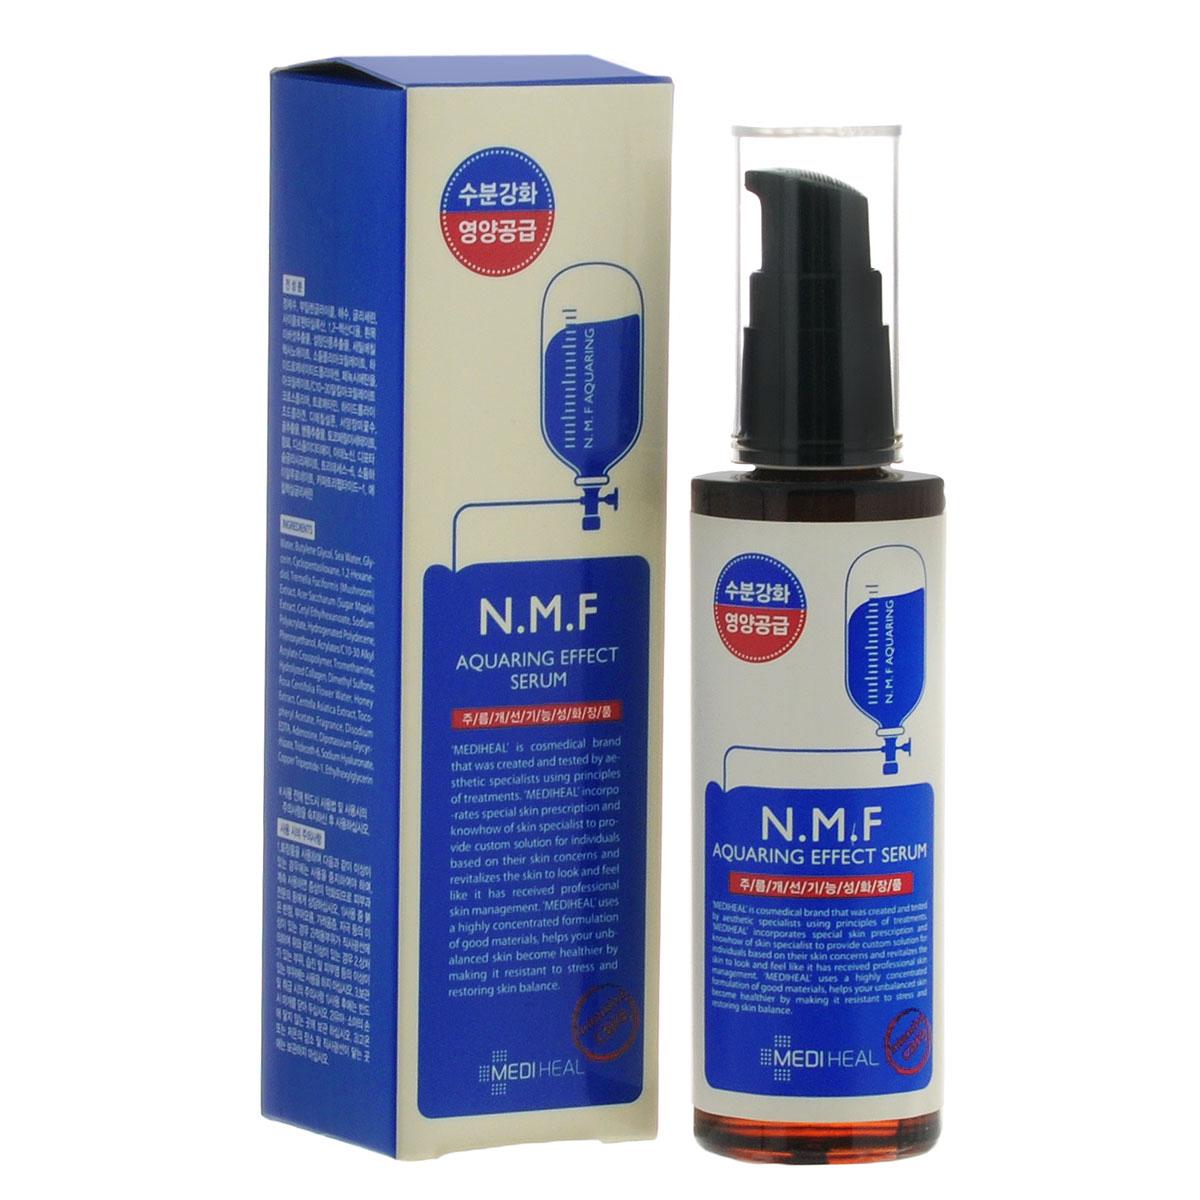 Beauty Clinic Сыворотка для лица Aquaring Effect, с N.M.F., увлажняющая, 50 мл555852Сыворотка содержит N.M.F. и другие активные увлажняющие и подтягивающие компоненты, такие как глубинная морская вода, гиалуроновая кислота, экстракты древесного гриба, сахарного клена, меда, центеллы азиатской. Интенсивно увлажняет, подтягивает и питает кожу, придает ей свежий вид. Способствует разглаживанию морщин. NMF (натуральный увлажняющий фактор) - это сложный комплекс молекул в роговом слое кожи, который способен притягивать и удерживать влагу, обеспечивать упругость и плотность рогового слоя кожи. В состав NMF входят низкомолекулярные пептиды, карбамид, пирролидонкарбоновая кислота, аминокислоты и т. д. При недостаточности увлажняющего фактора происходит обезвоживание эпидермиса. Глубинная морская вода содержит большое количество питательных веществ и 70 видов минералов, которые активно увлажняют кожу, придают ей здоровый вид, делают цвет кожи более естественным, выравнивают тон кожи. Экстракт клена сахарного ускоряет процесс обновления клеток,...